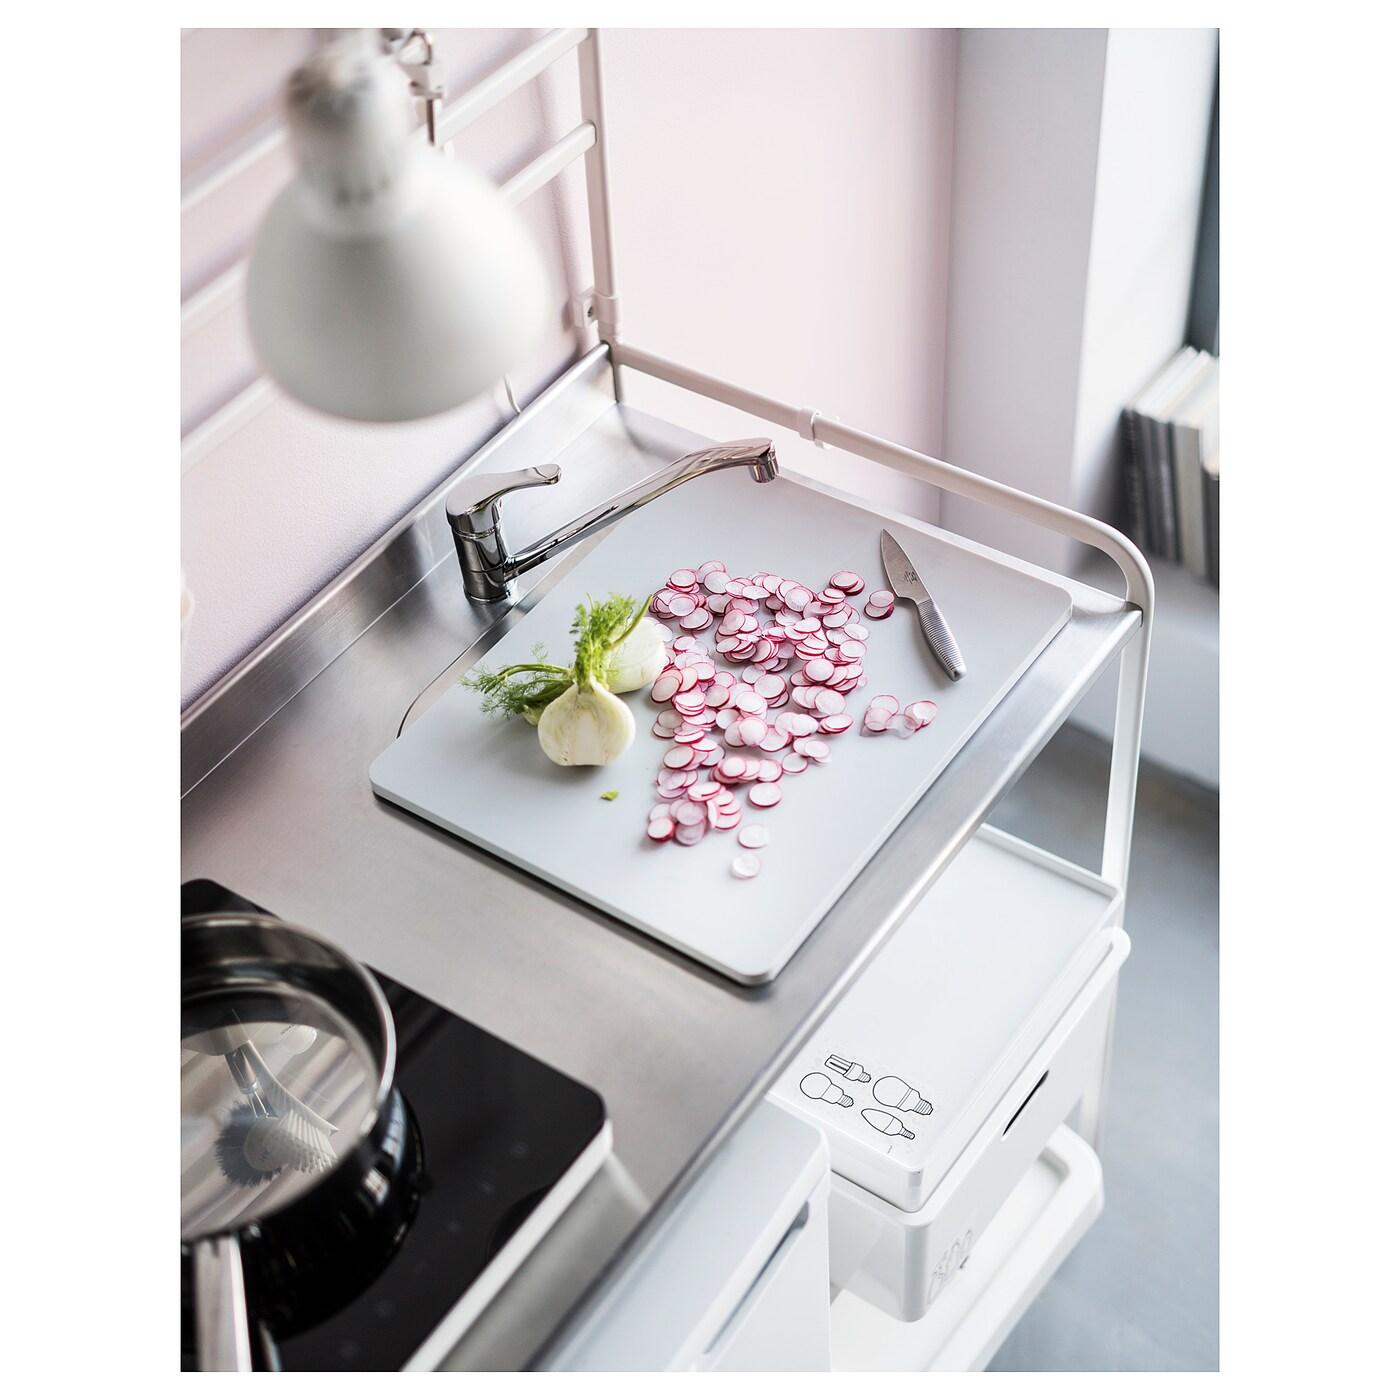 Full Size of Ikea Miniküchen Sunnersta Minikche Jetzt Informieren Deutschland Küche Kaufen Kosten Sofa Mit Schlaffunktion Modulküche Miniküche Betten 160x200 Bei Wohnzimmer Ikea Miniküchen